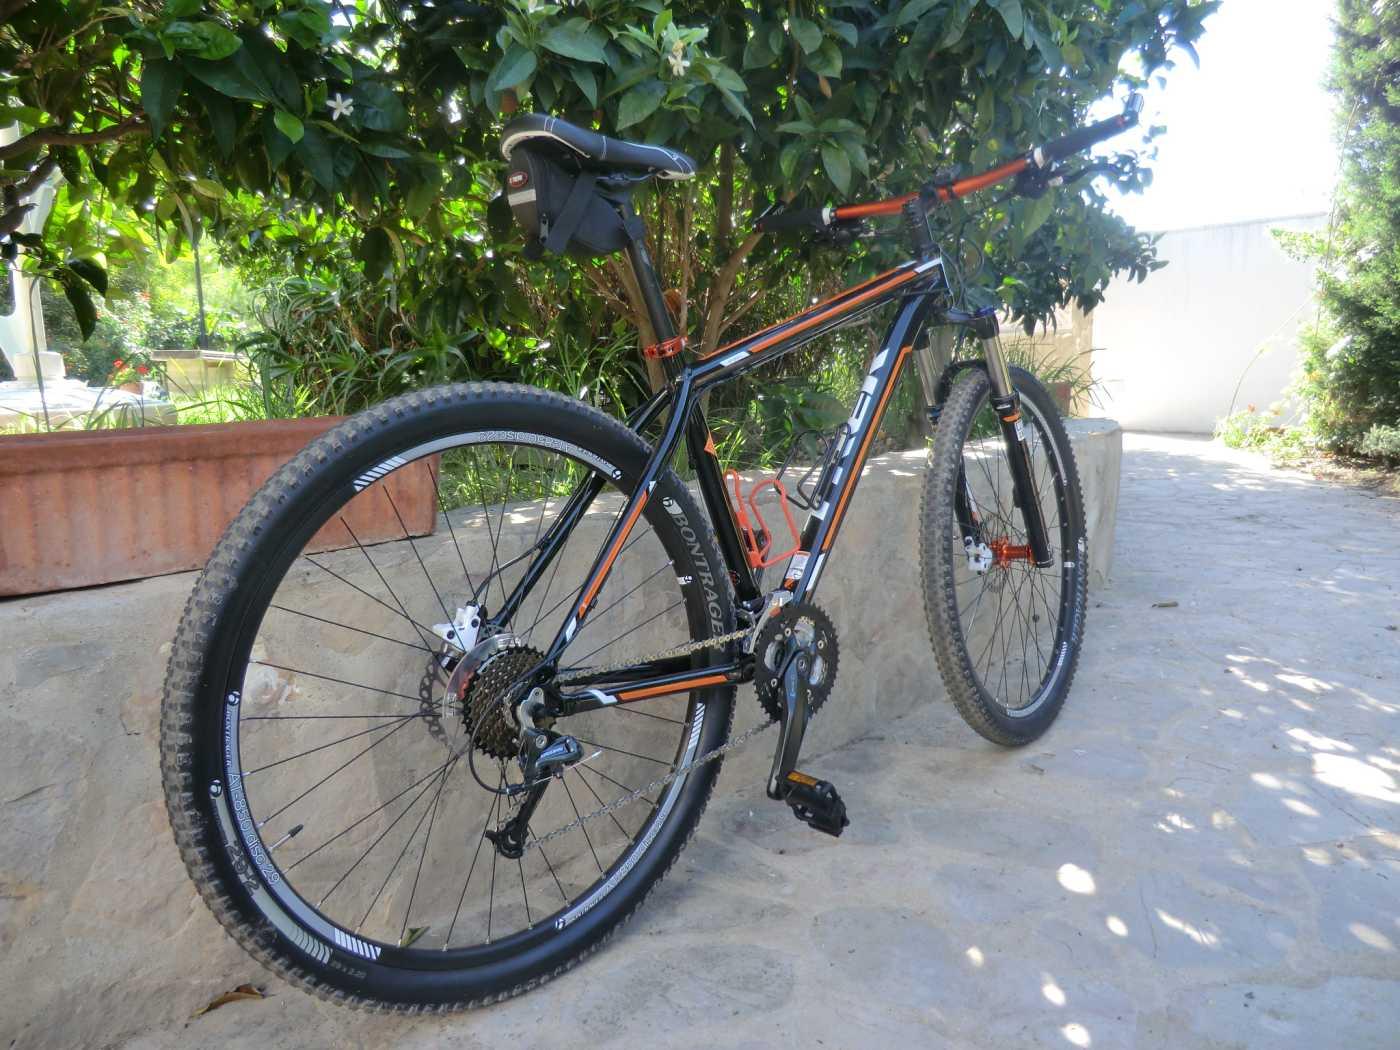 Trek Mamba 29er Sport Hardtail